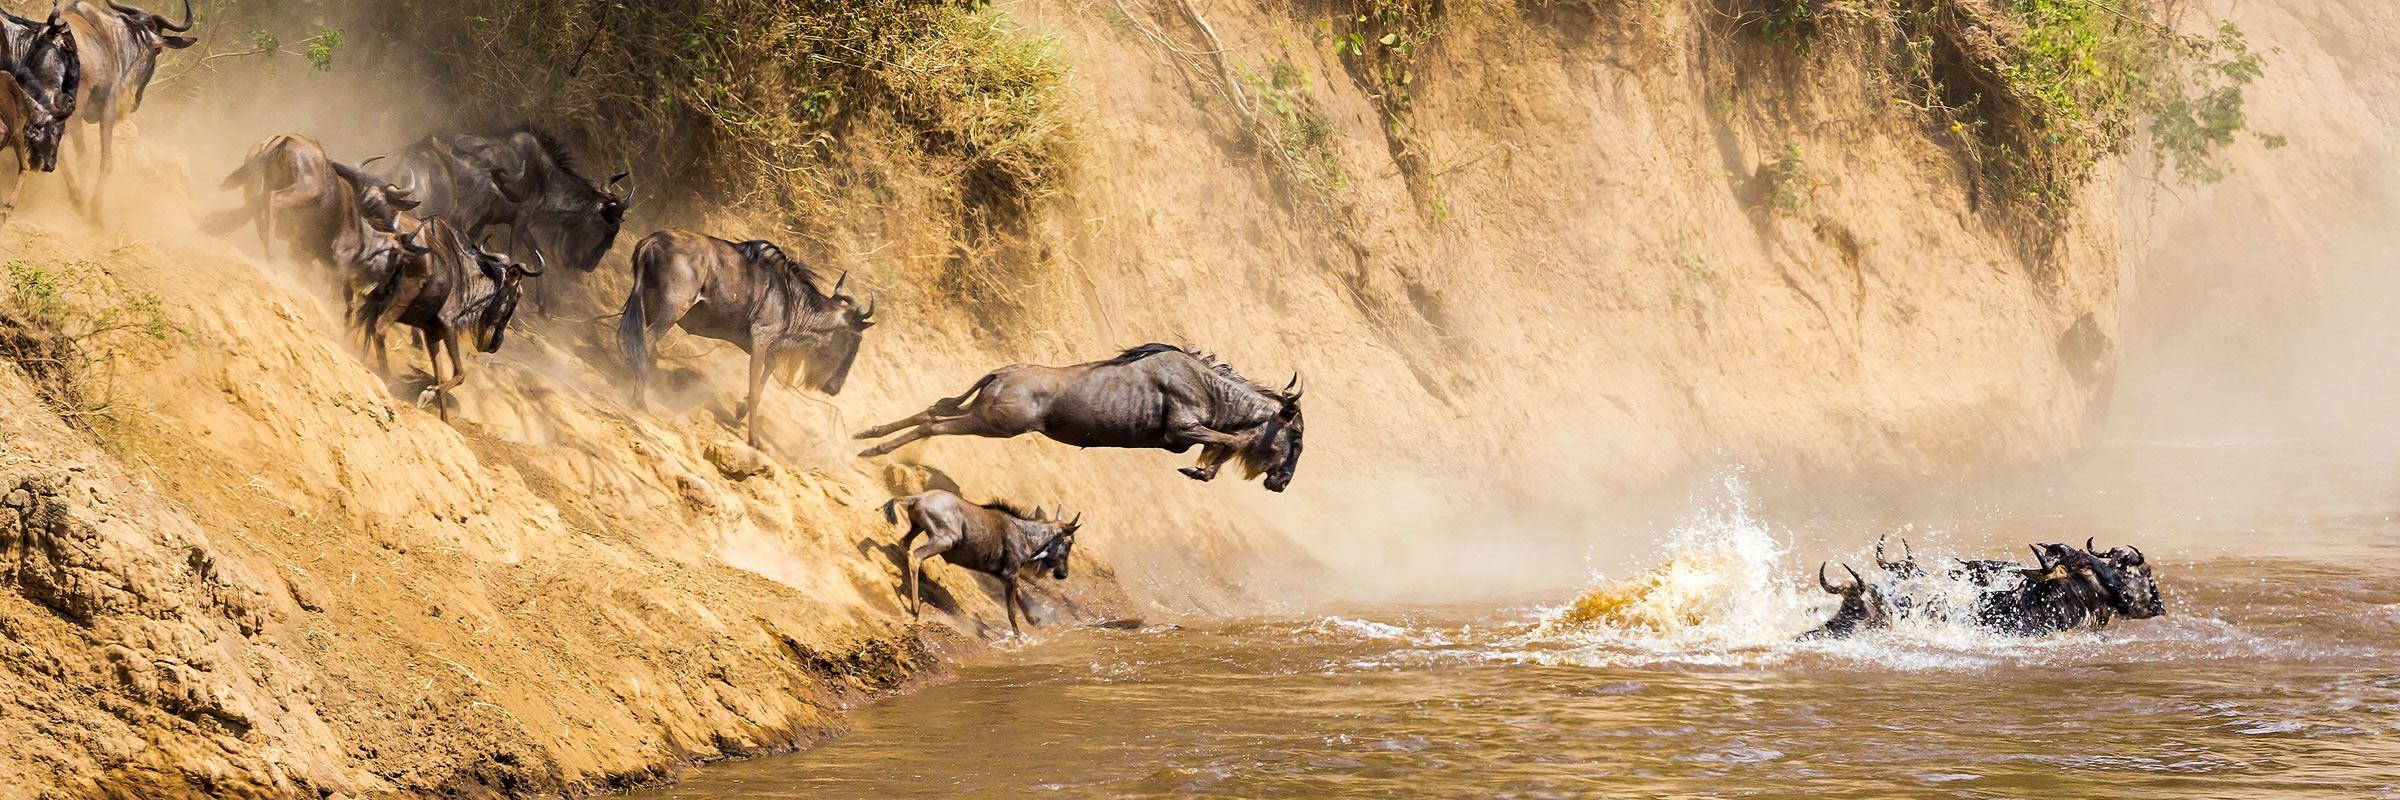 Wildebeest, Mara River